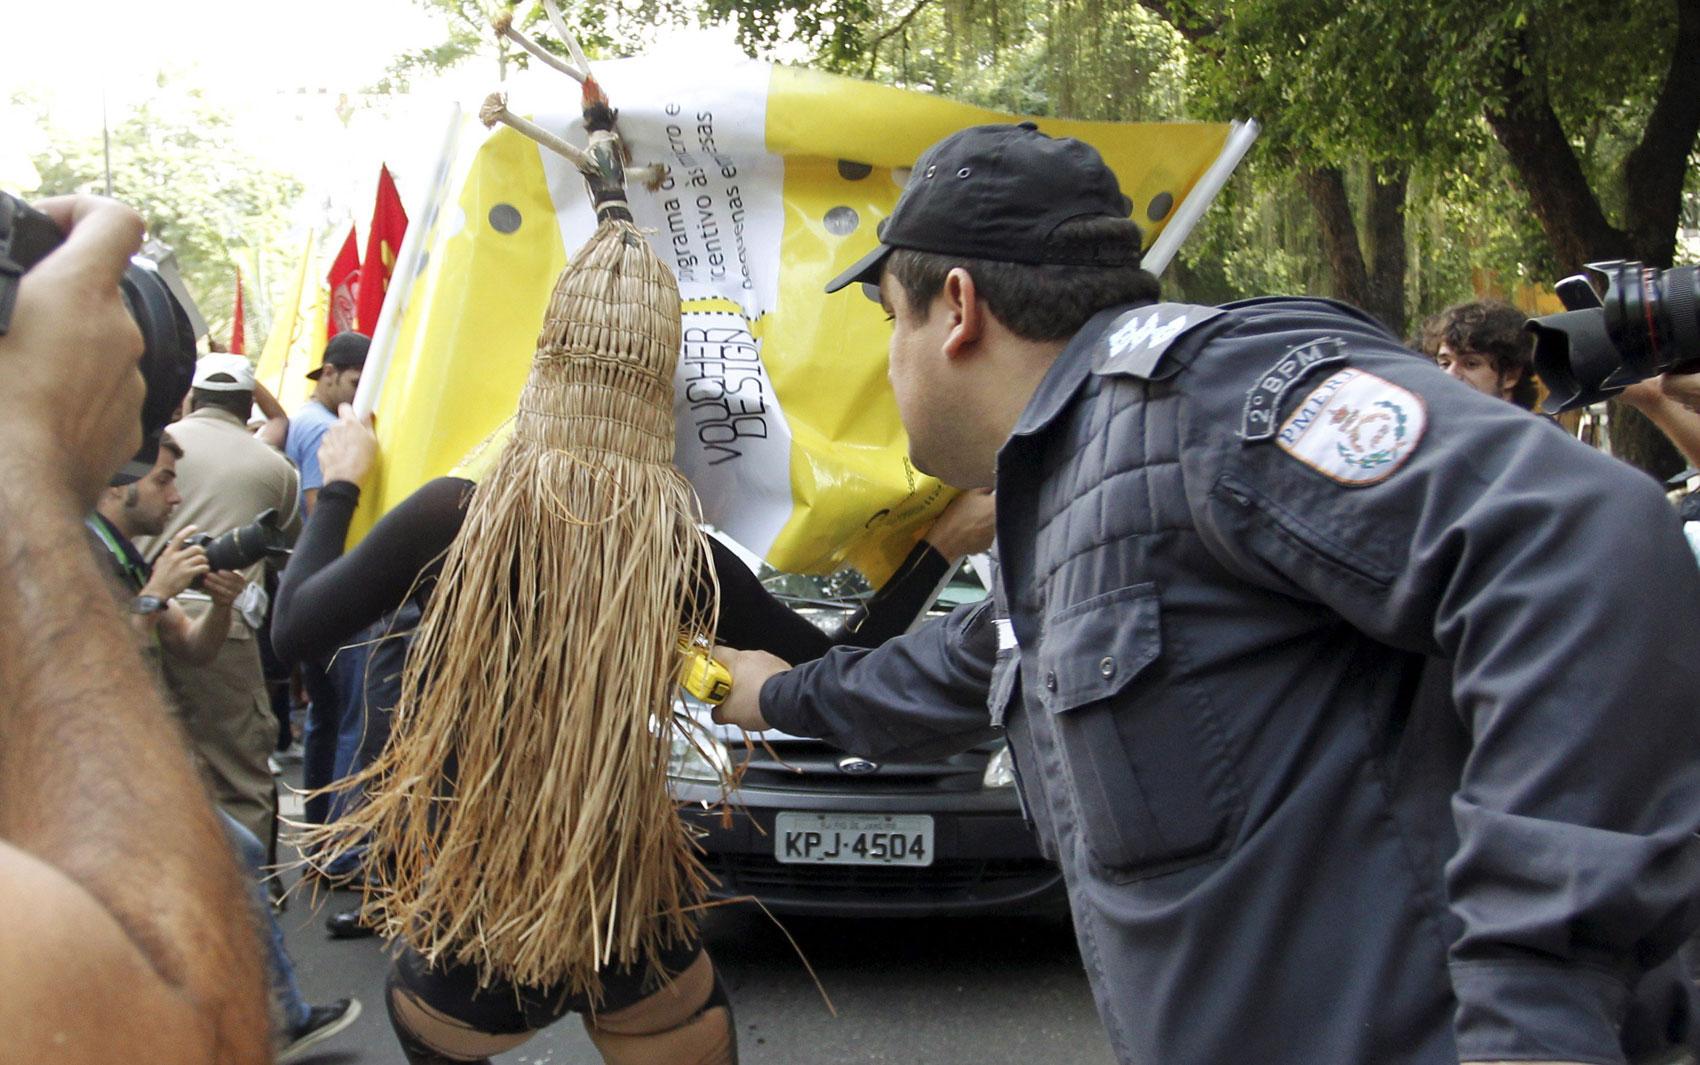 Policial usa arma de choque contra manifestante